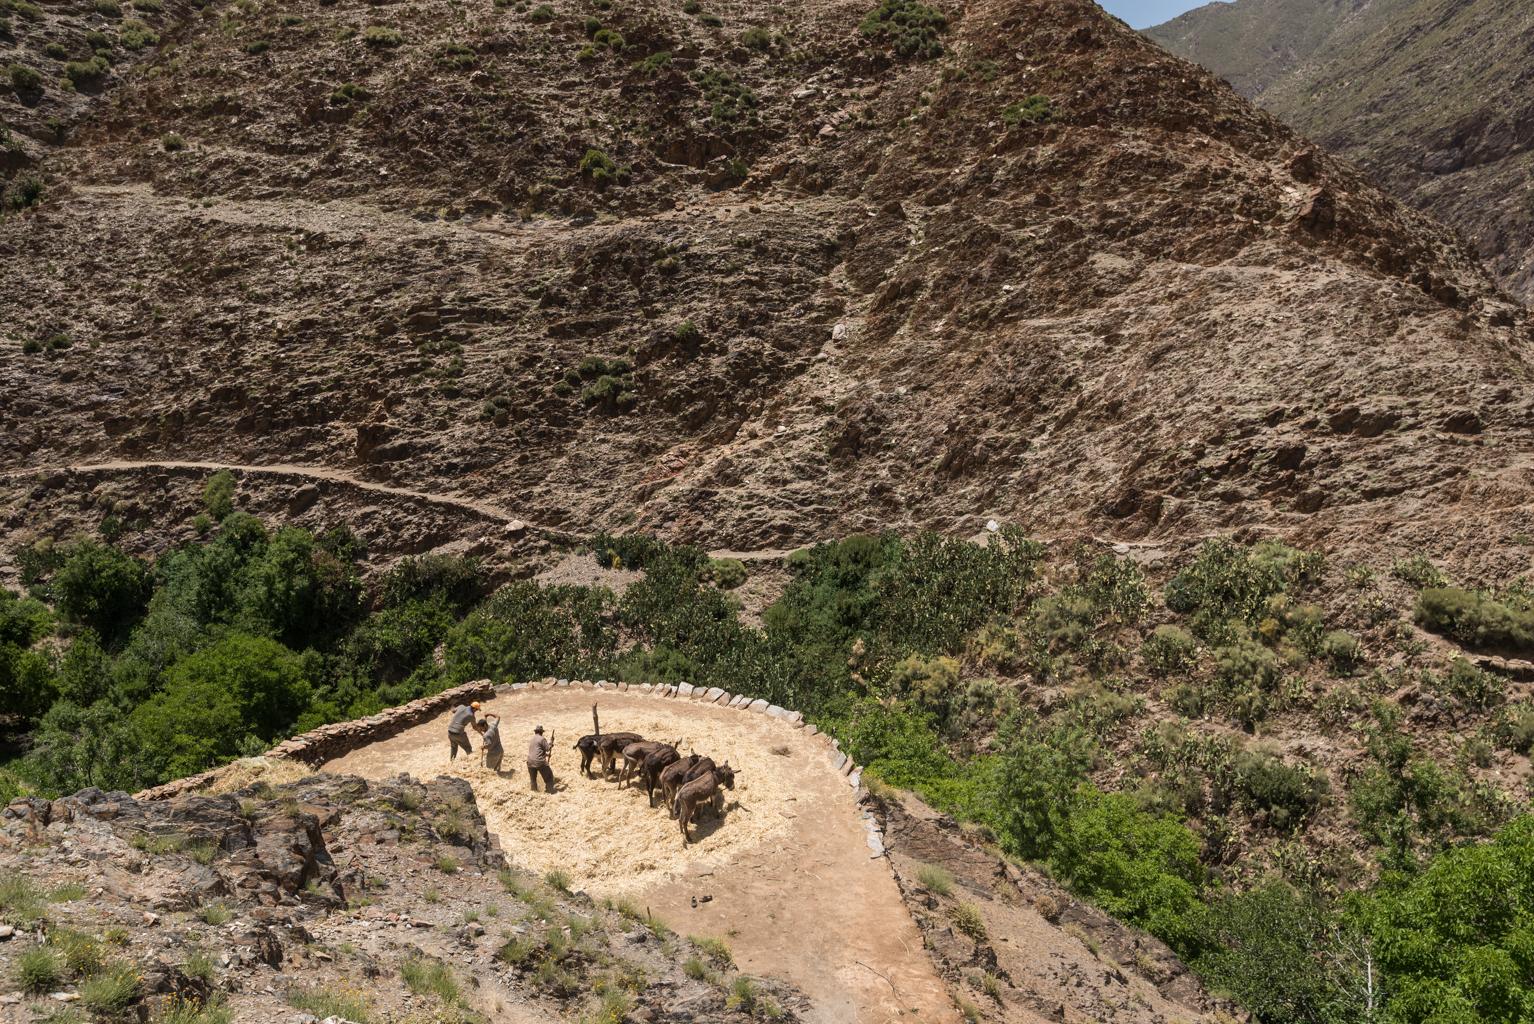 Homme menant son bétail en pâturage au bord d'une falaise